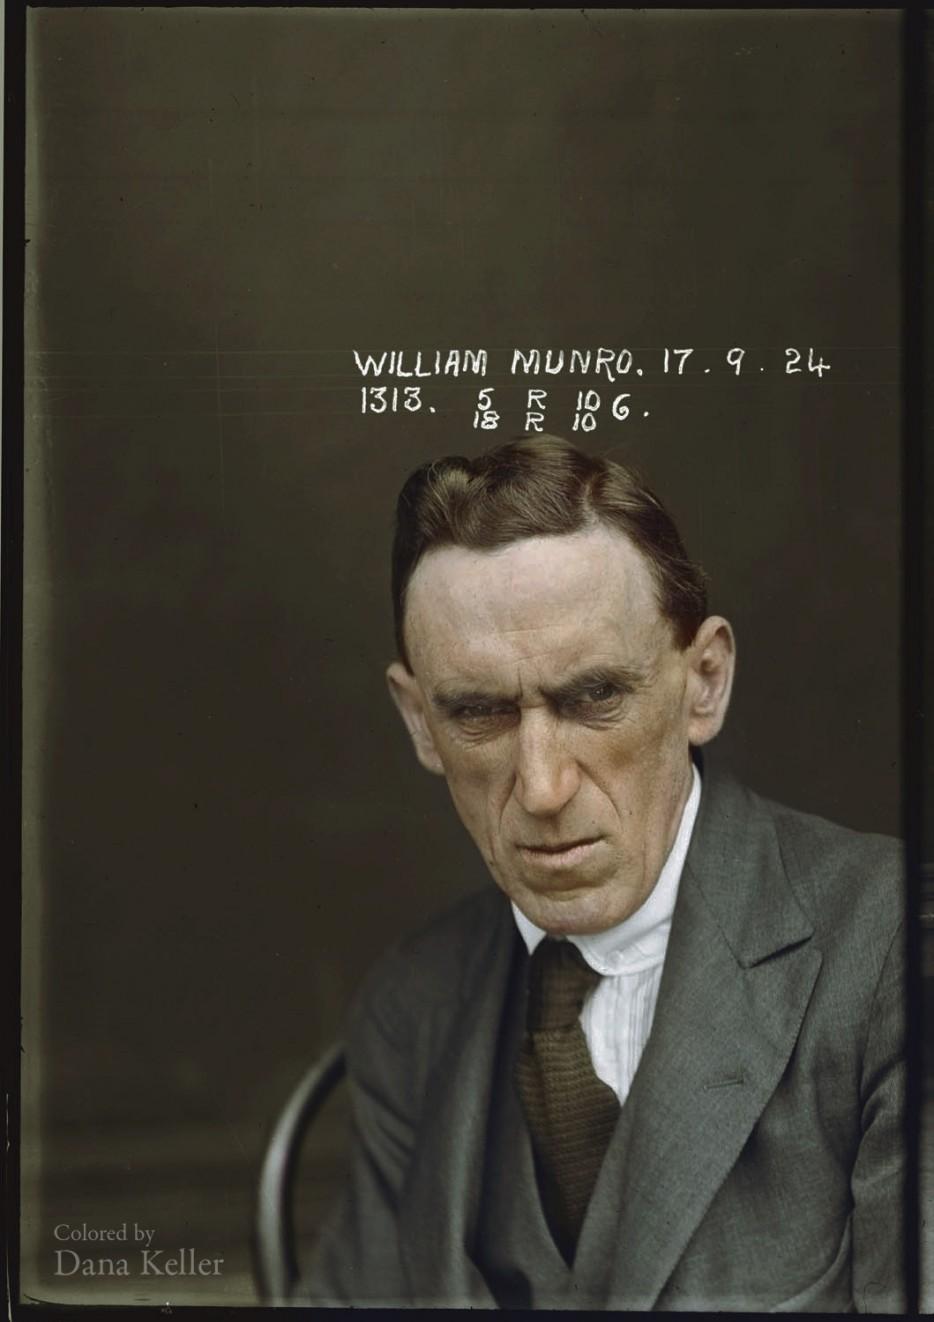 Фото преступника из архива австралийской полиции. 1902 год